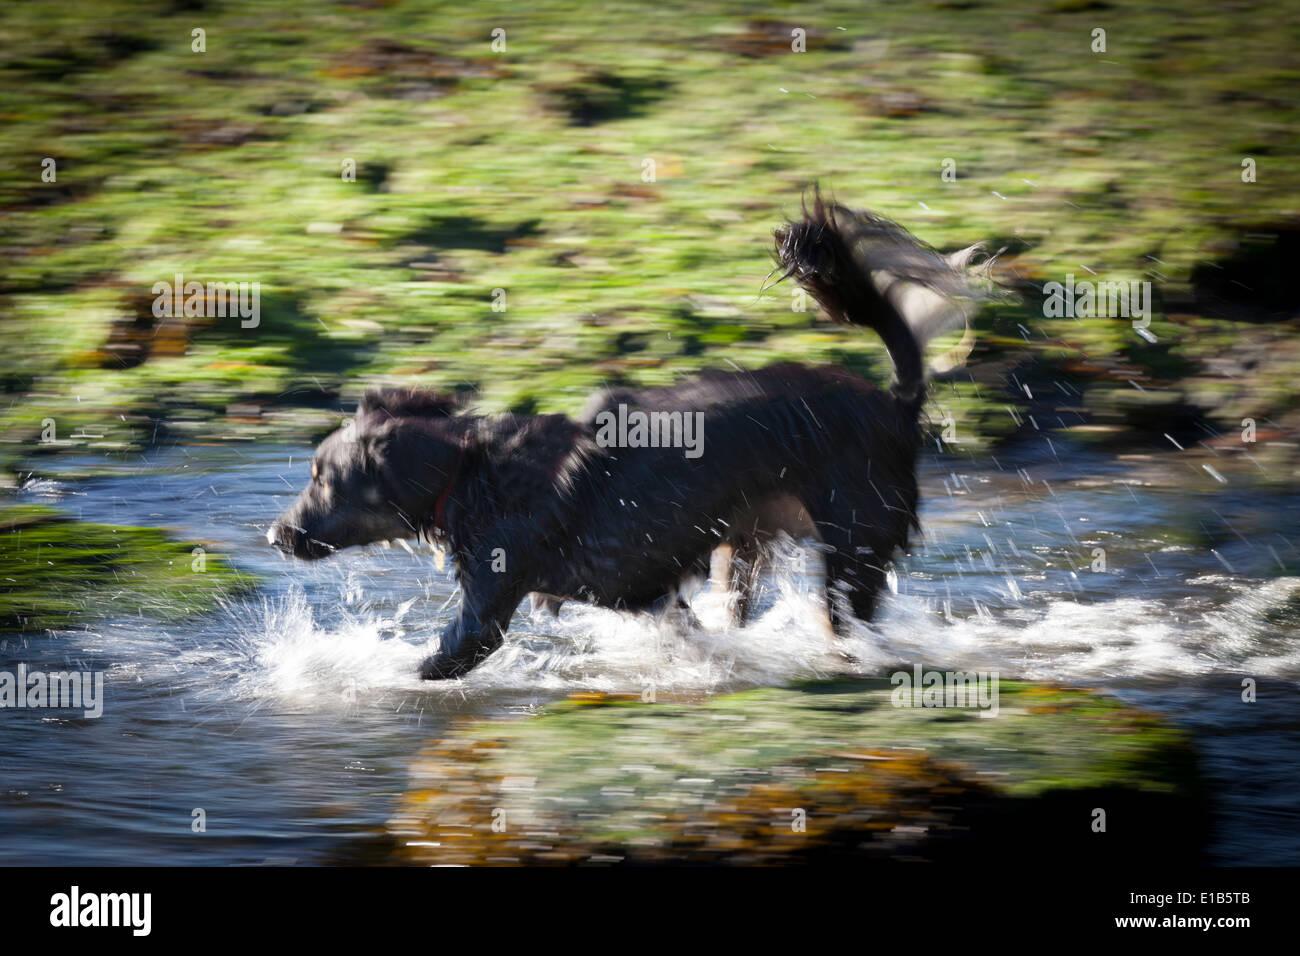 Húmedo tipo collie perro corre a través del agua para divertirse. Imagen De Stock